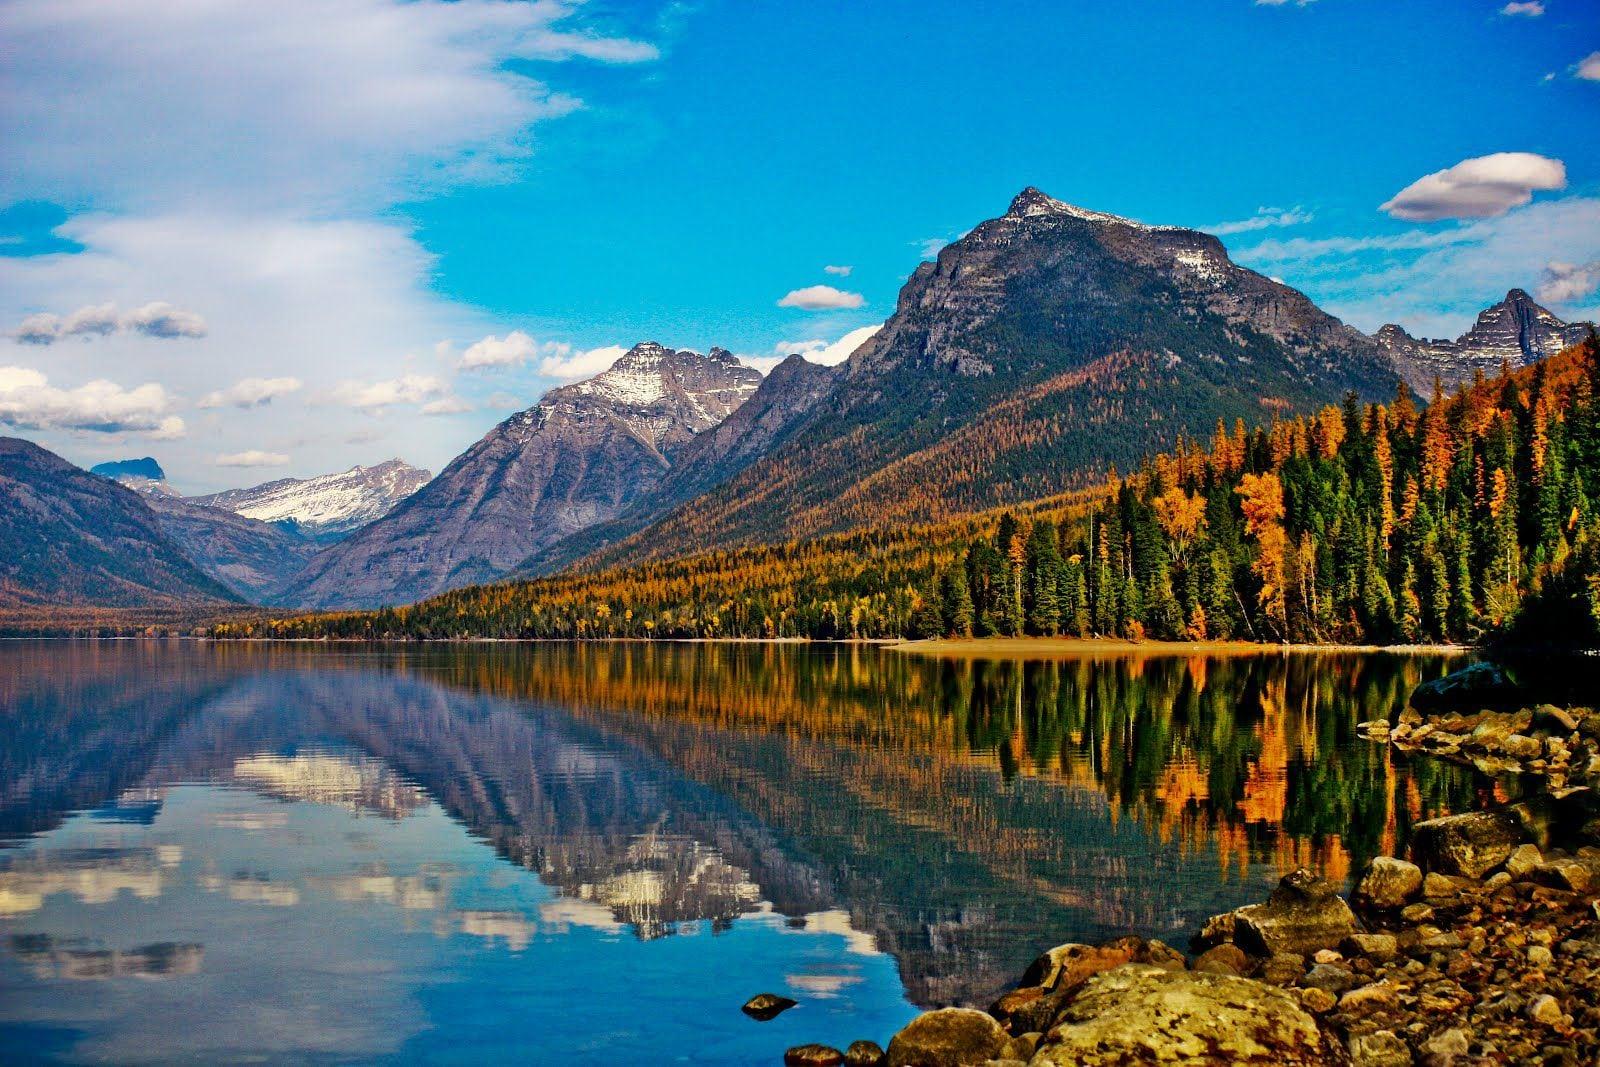 تعرف علي البحيرات الملونة الرائعه